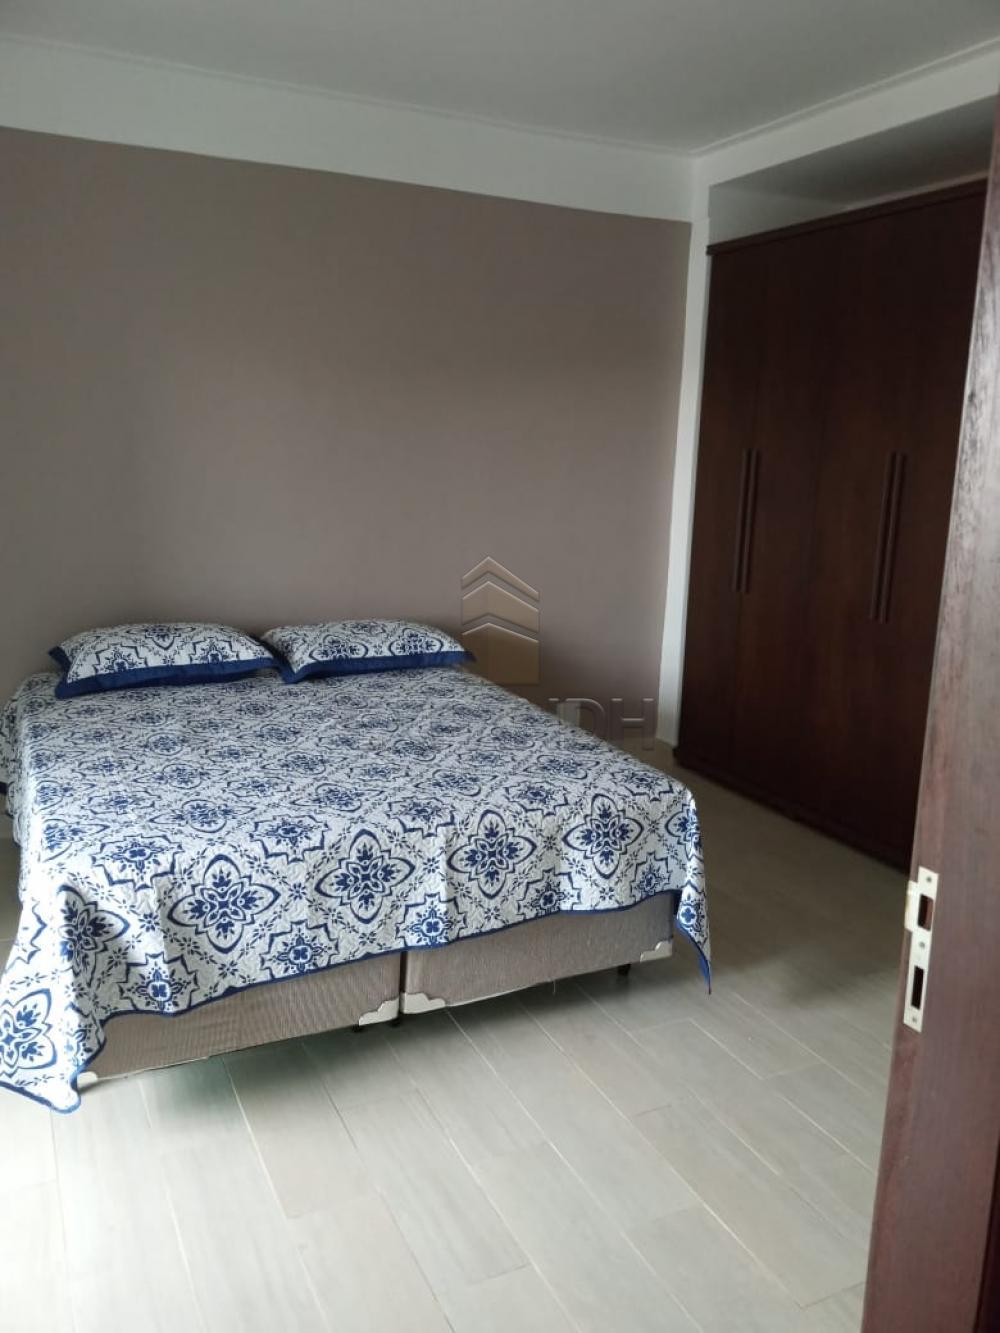 Comprar Casas / Padrão em Sertãozinho R$ 1.380.000,00 - Foto 15